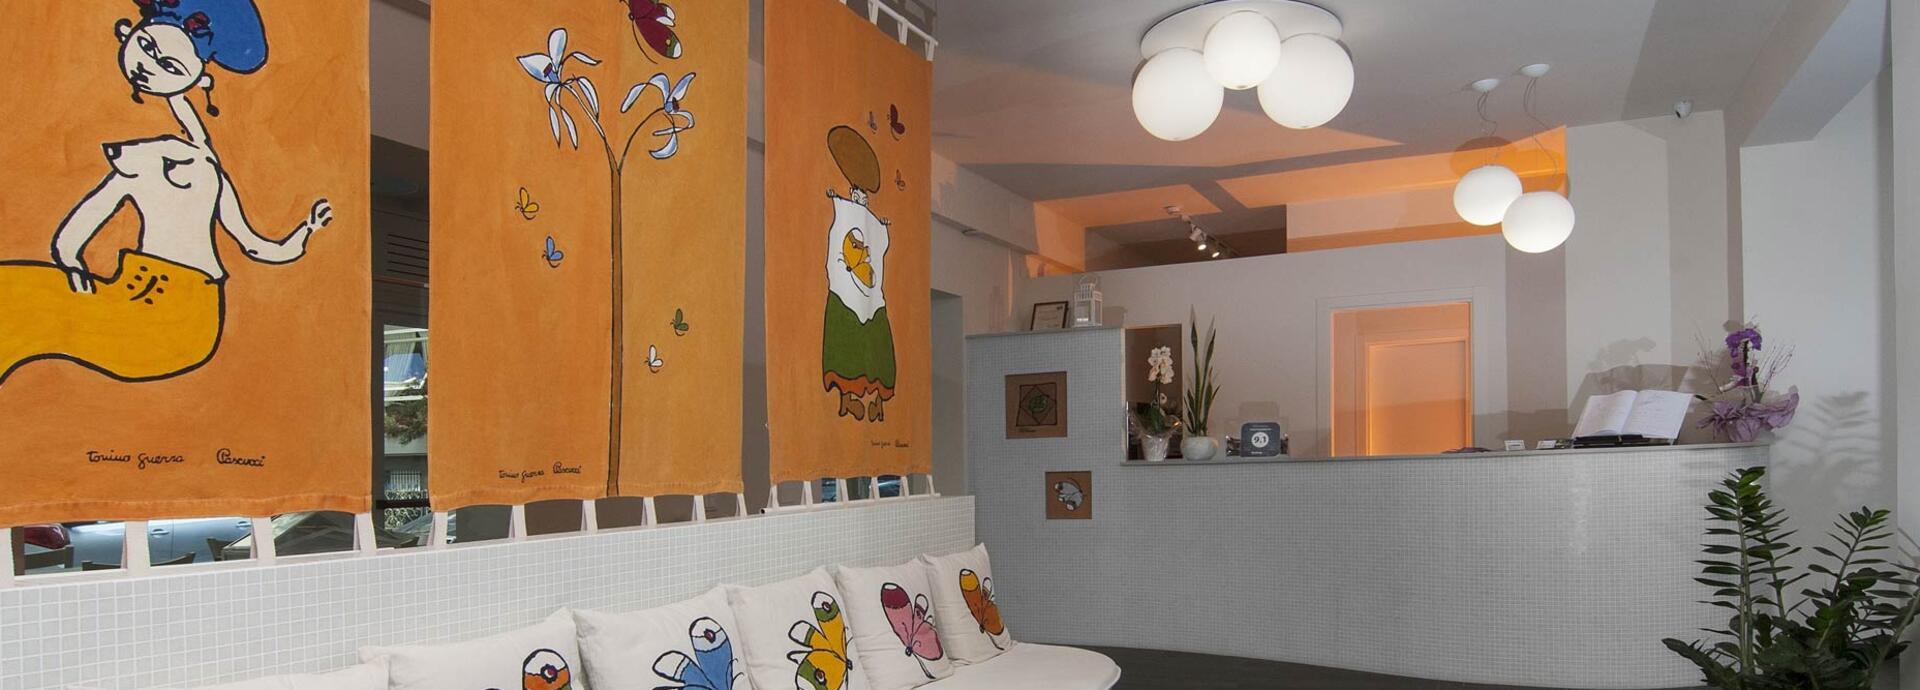 hotelcasablanca it home 005